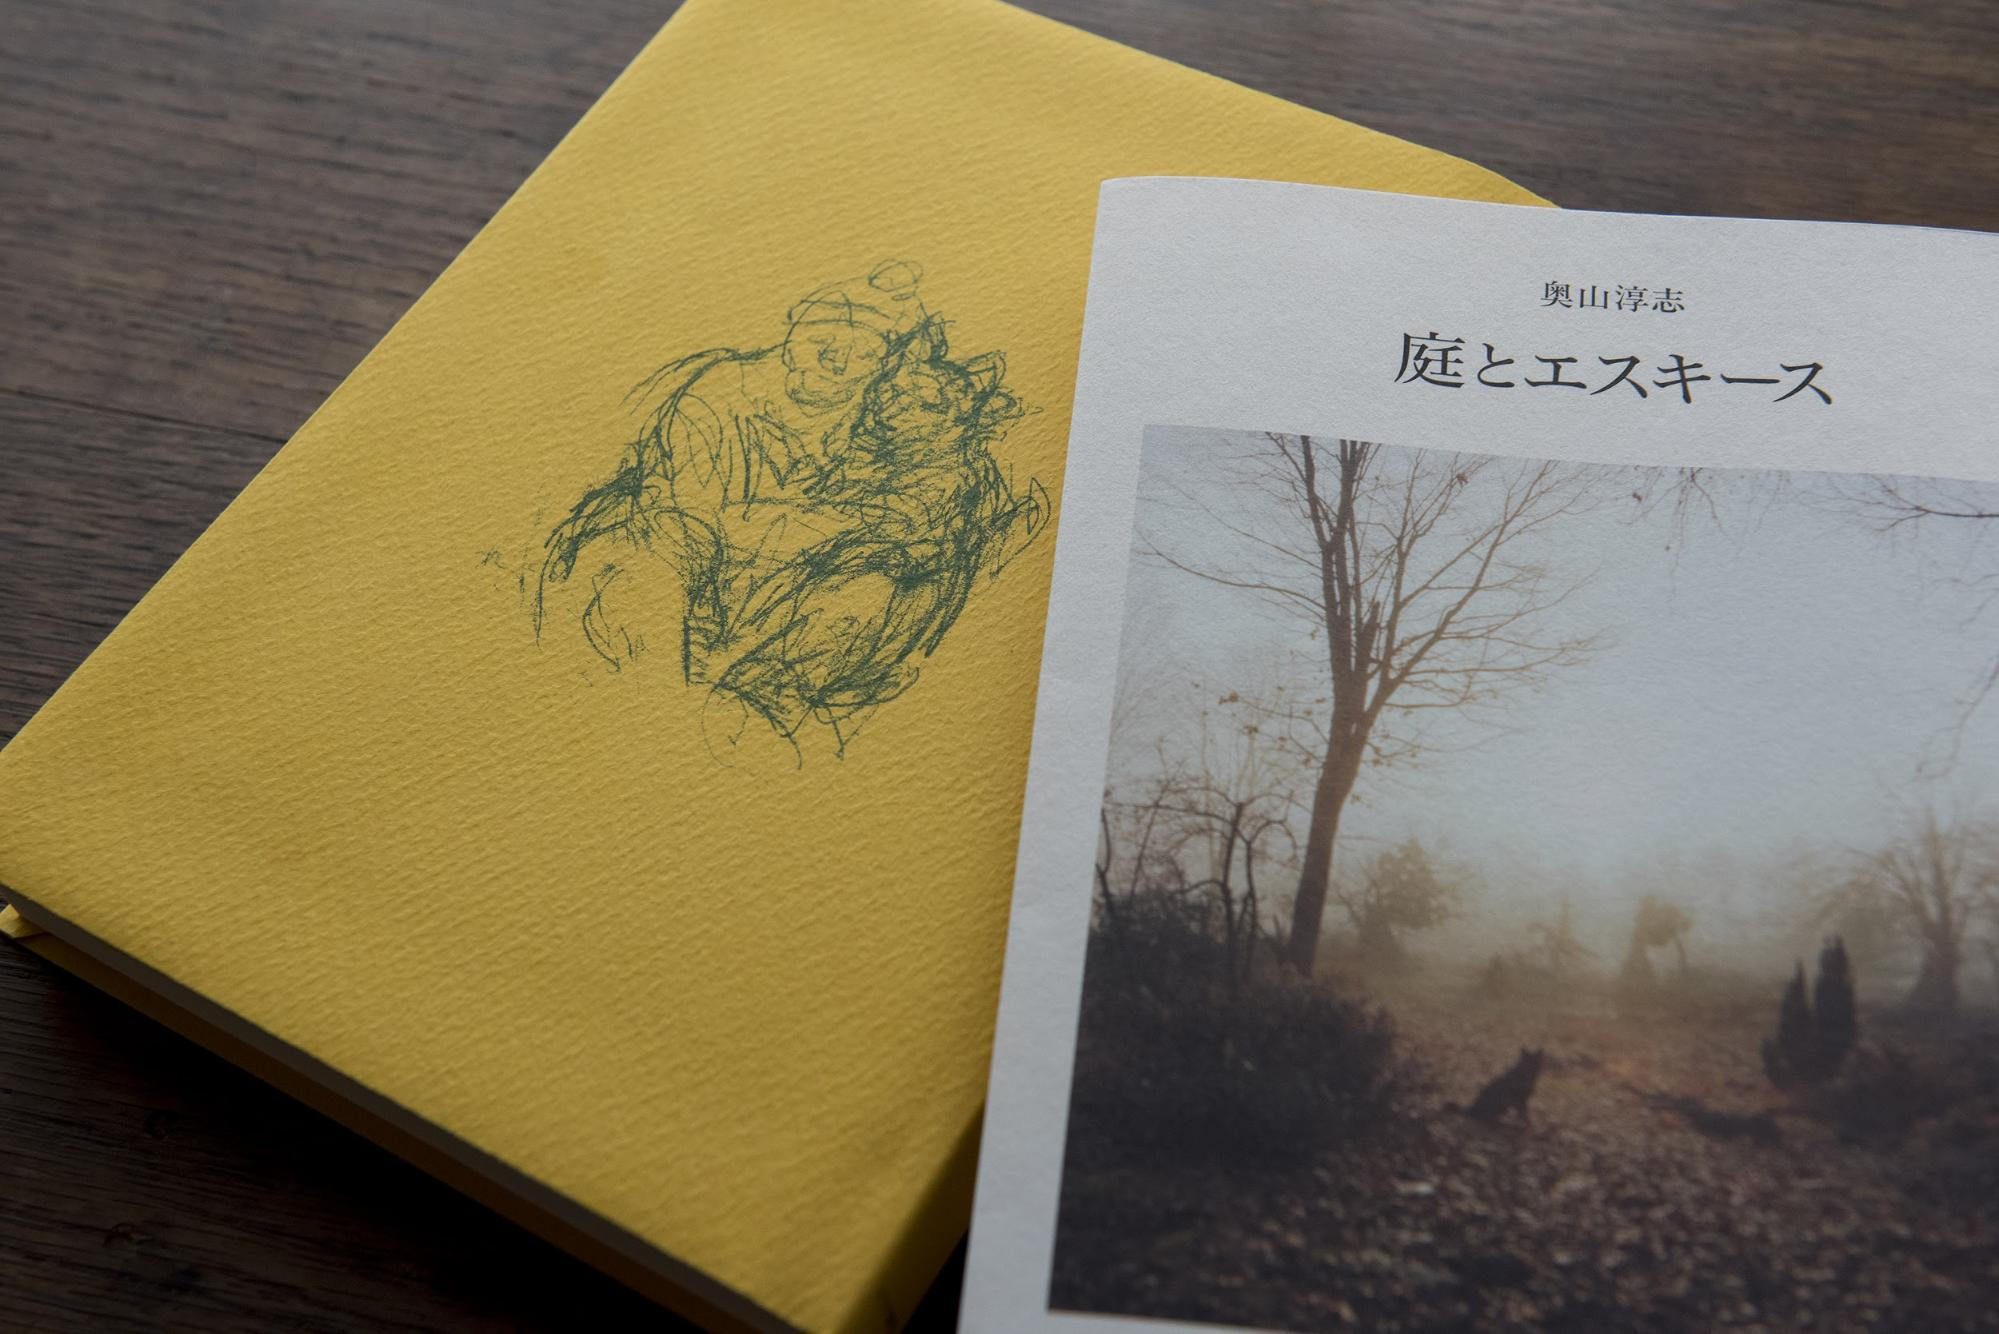 藤村健一朗・おこもり時間に読みたい本・庭とエスキース